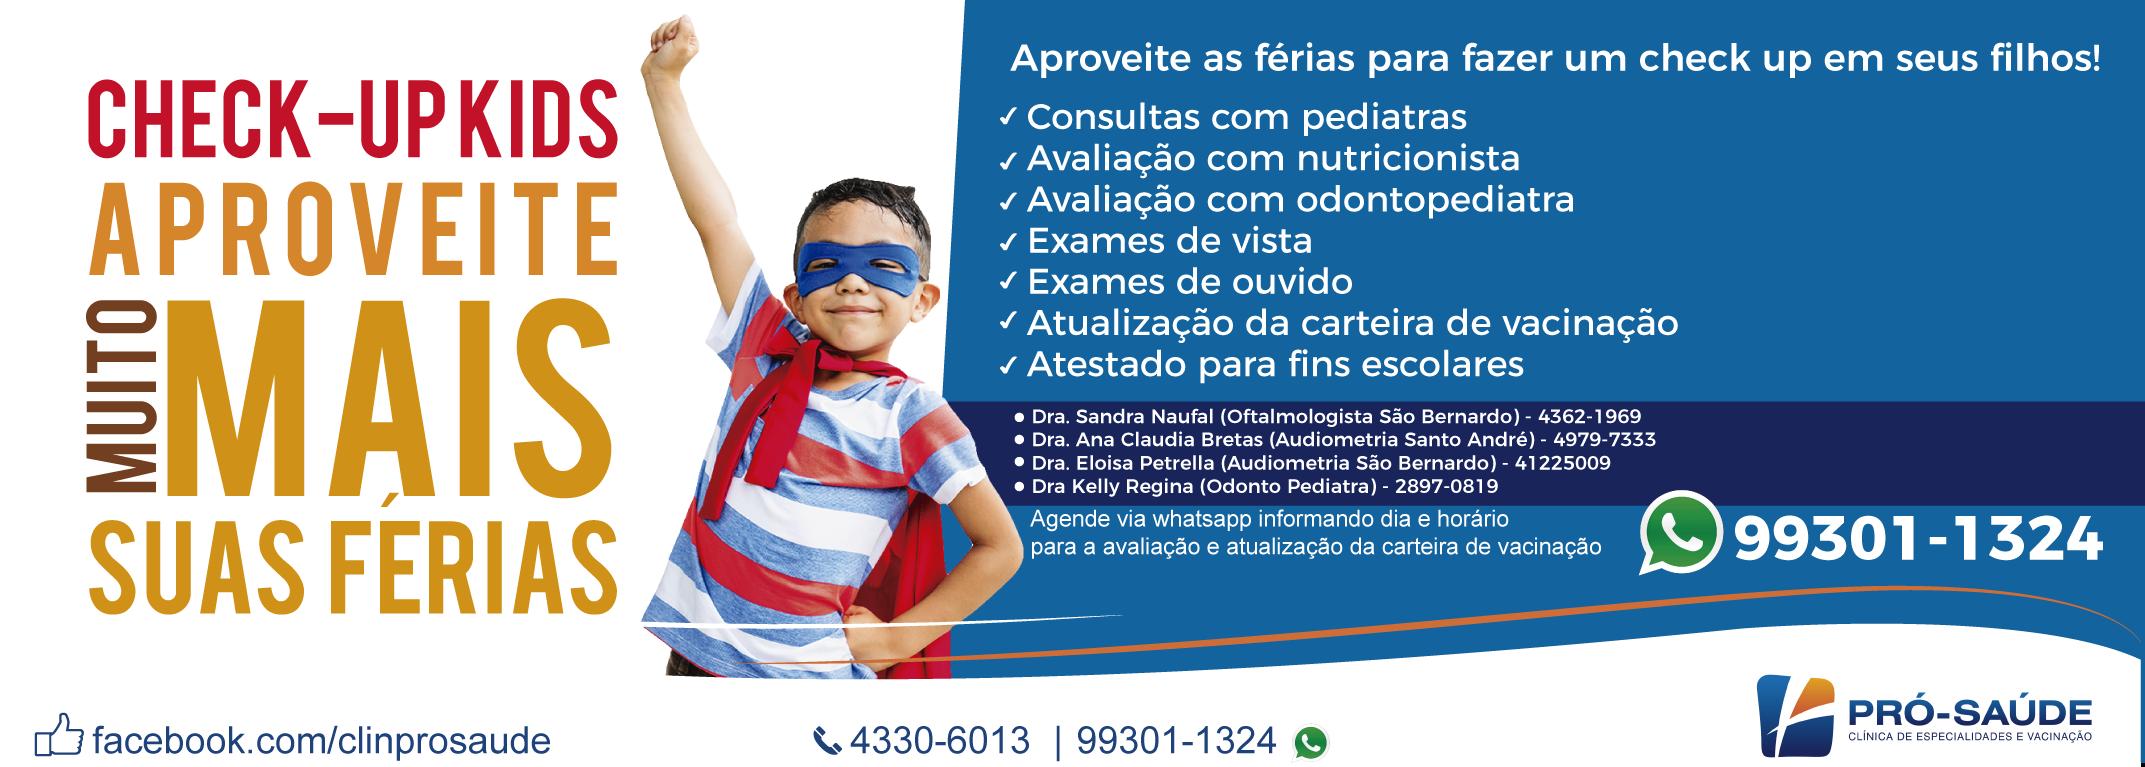 banner checkup cópia - Clínica Pró-Saúde - Especialidades Médicas e Vacinação